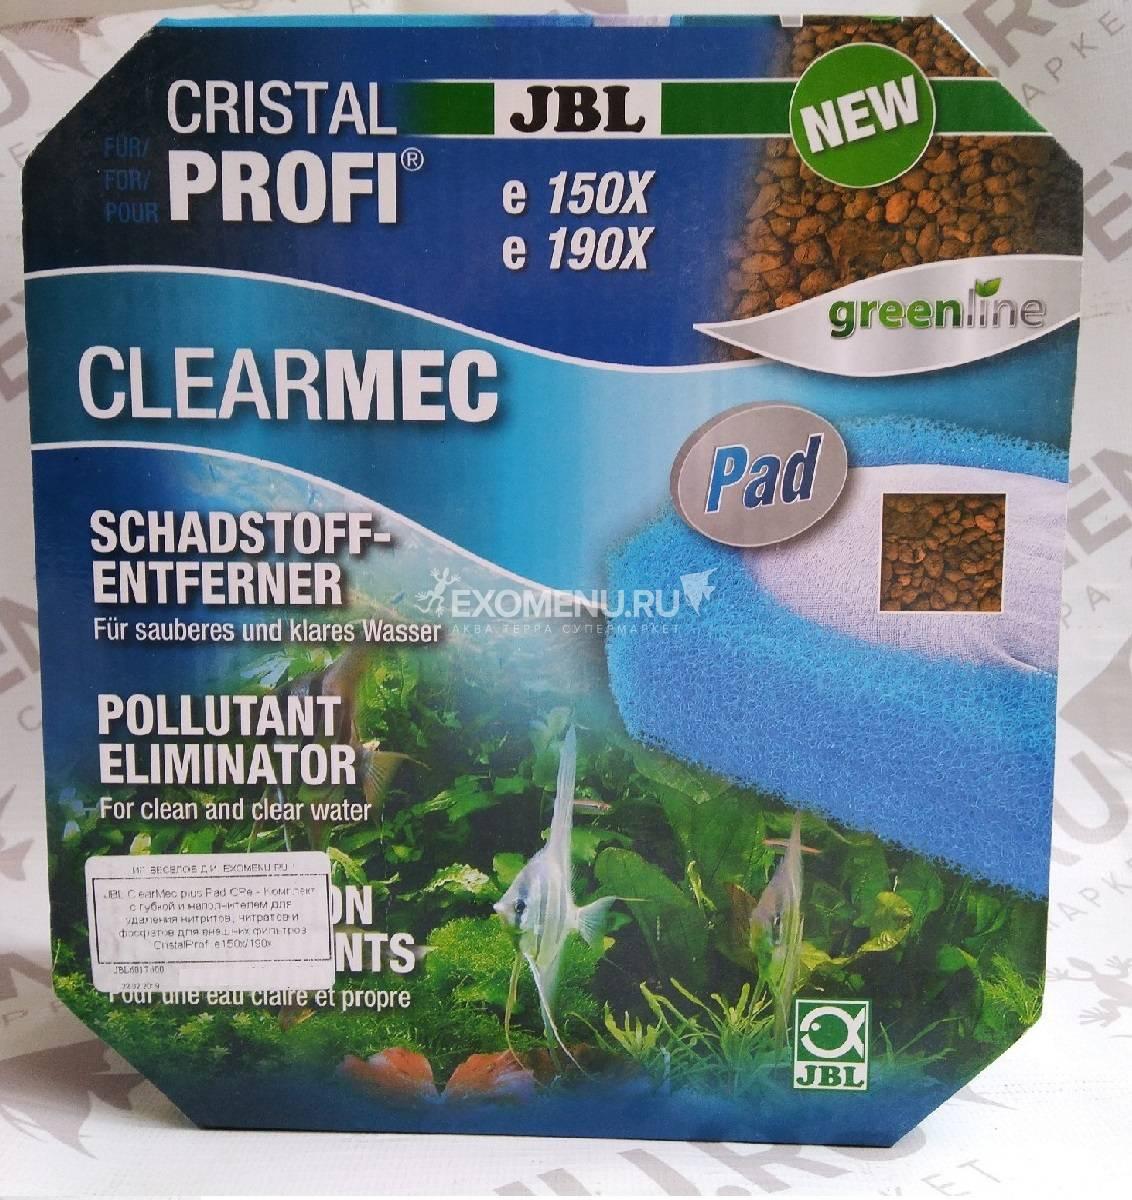 JBL ClearMec plus Pad CPe - Комплект с губкой и наполнителем для удаления нитритов, нитратов и фосфатов для внешних фильтров CristalProfi e150x/190x